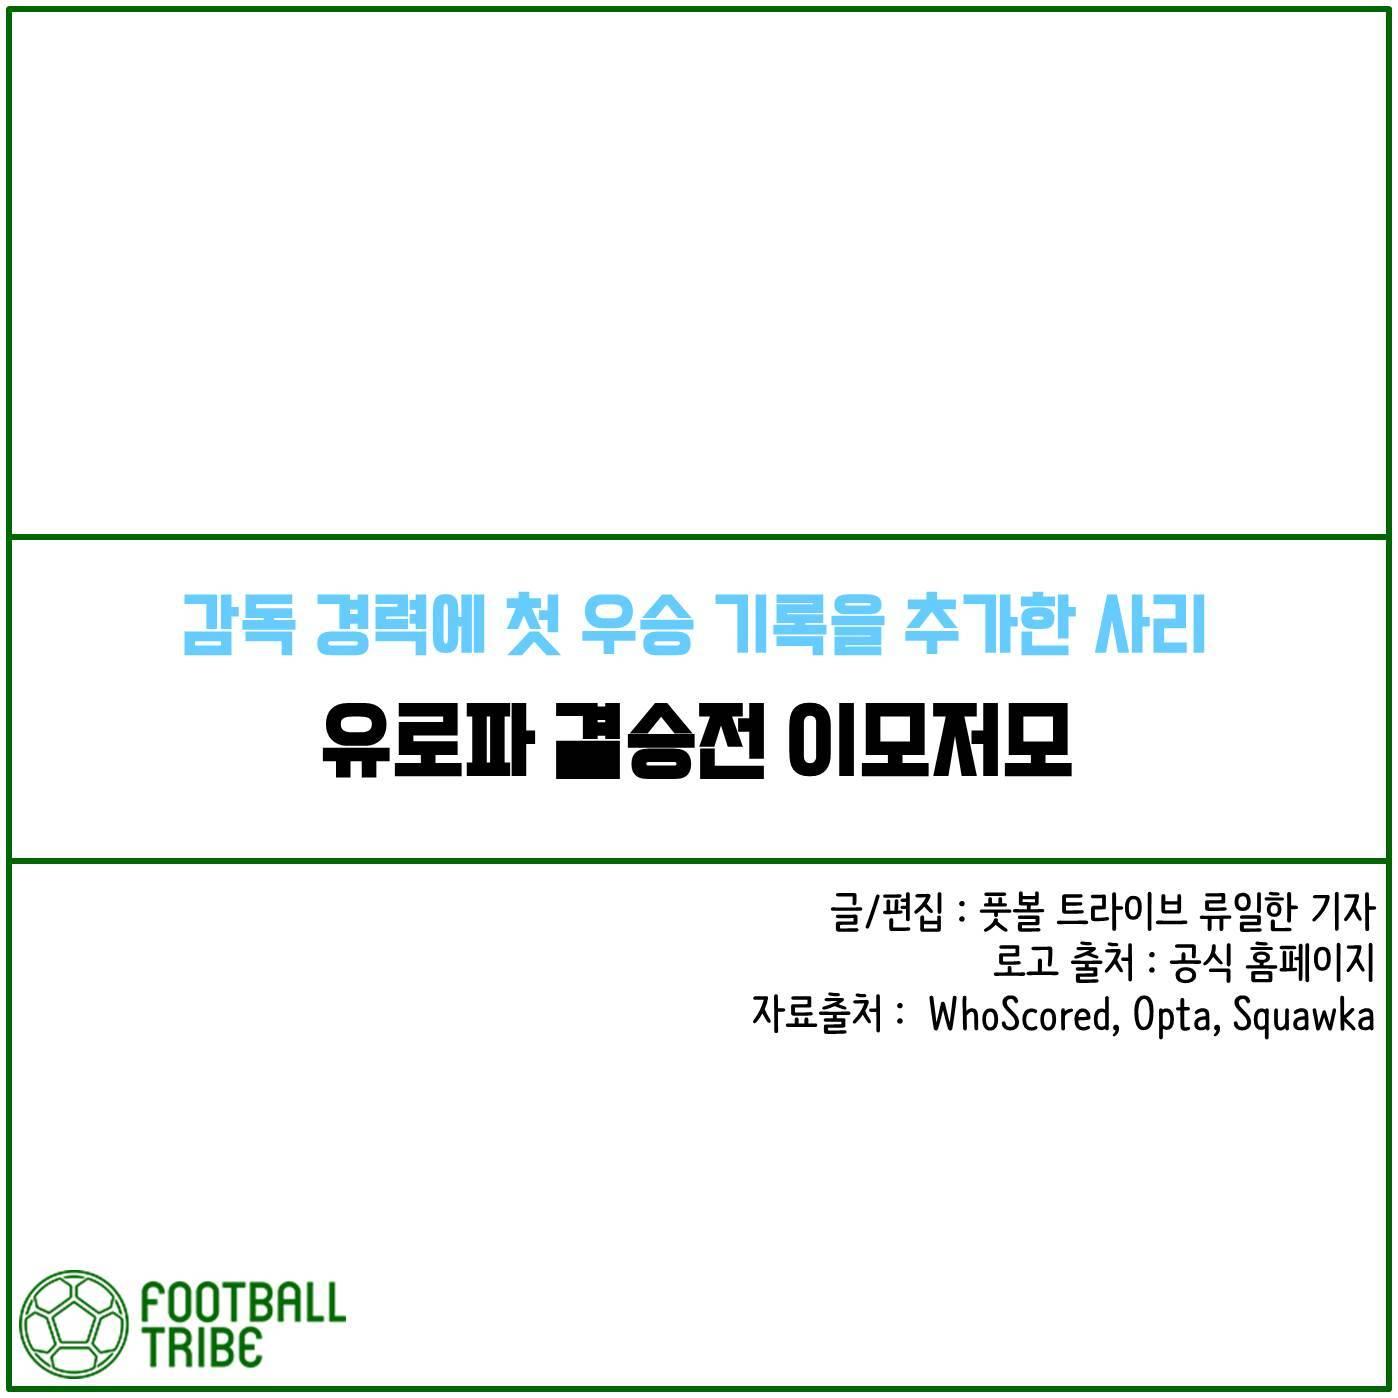 [카드 뉴스] 유로파 결승전 이모저모